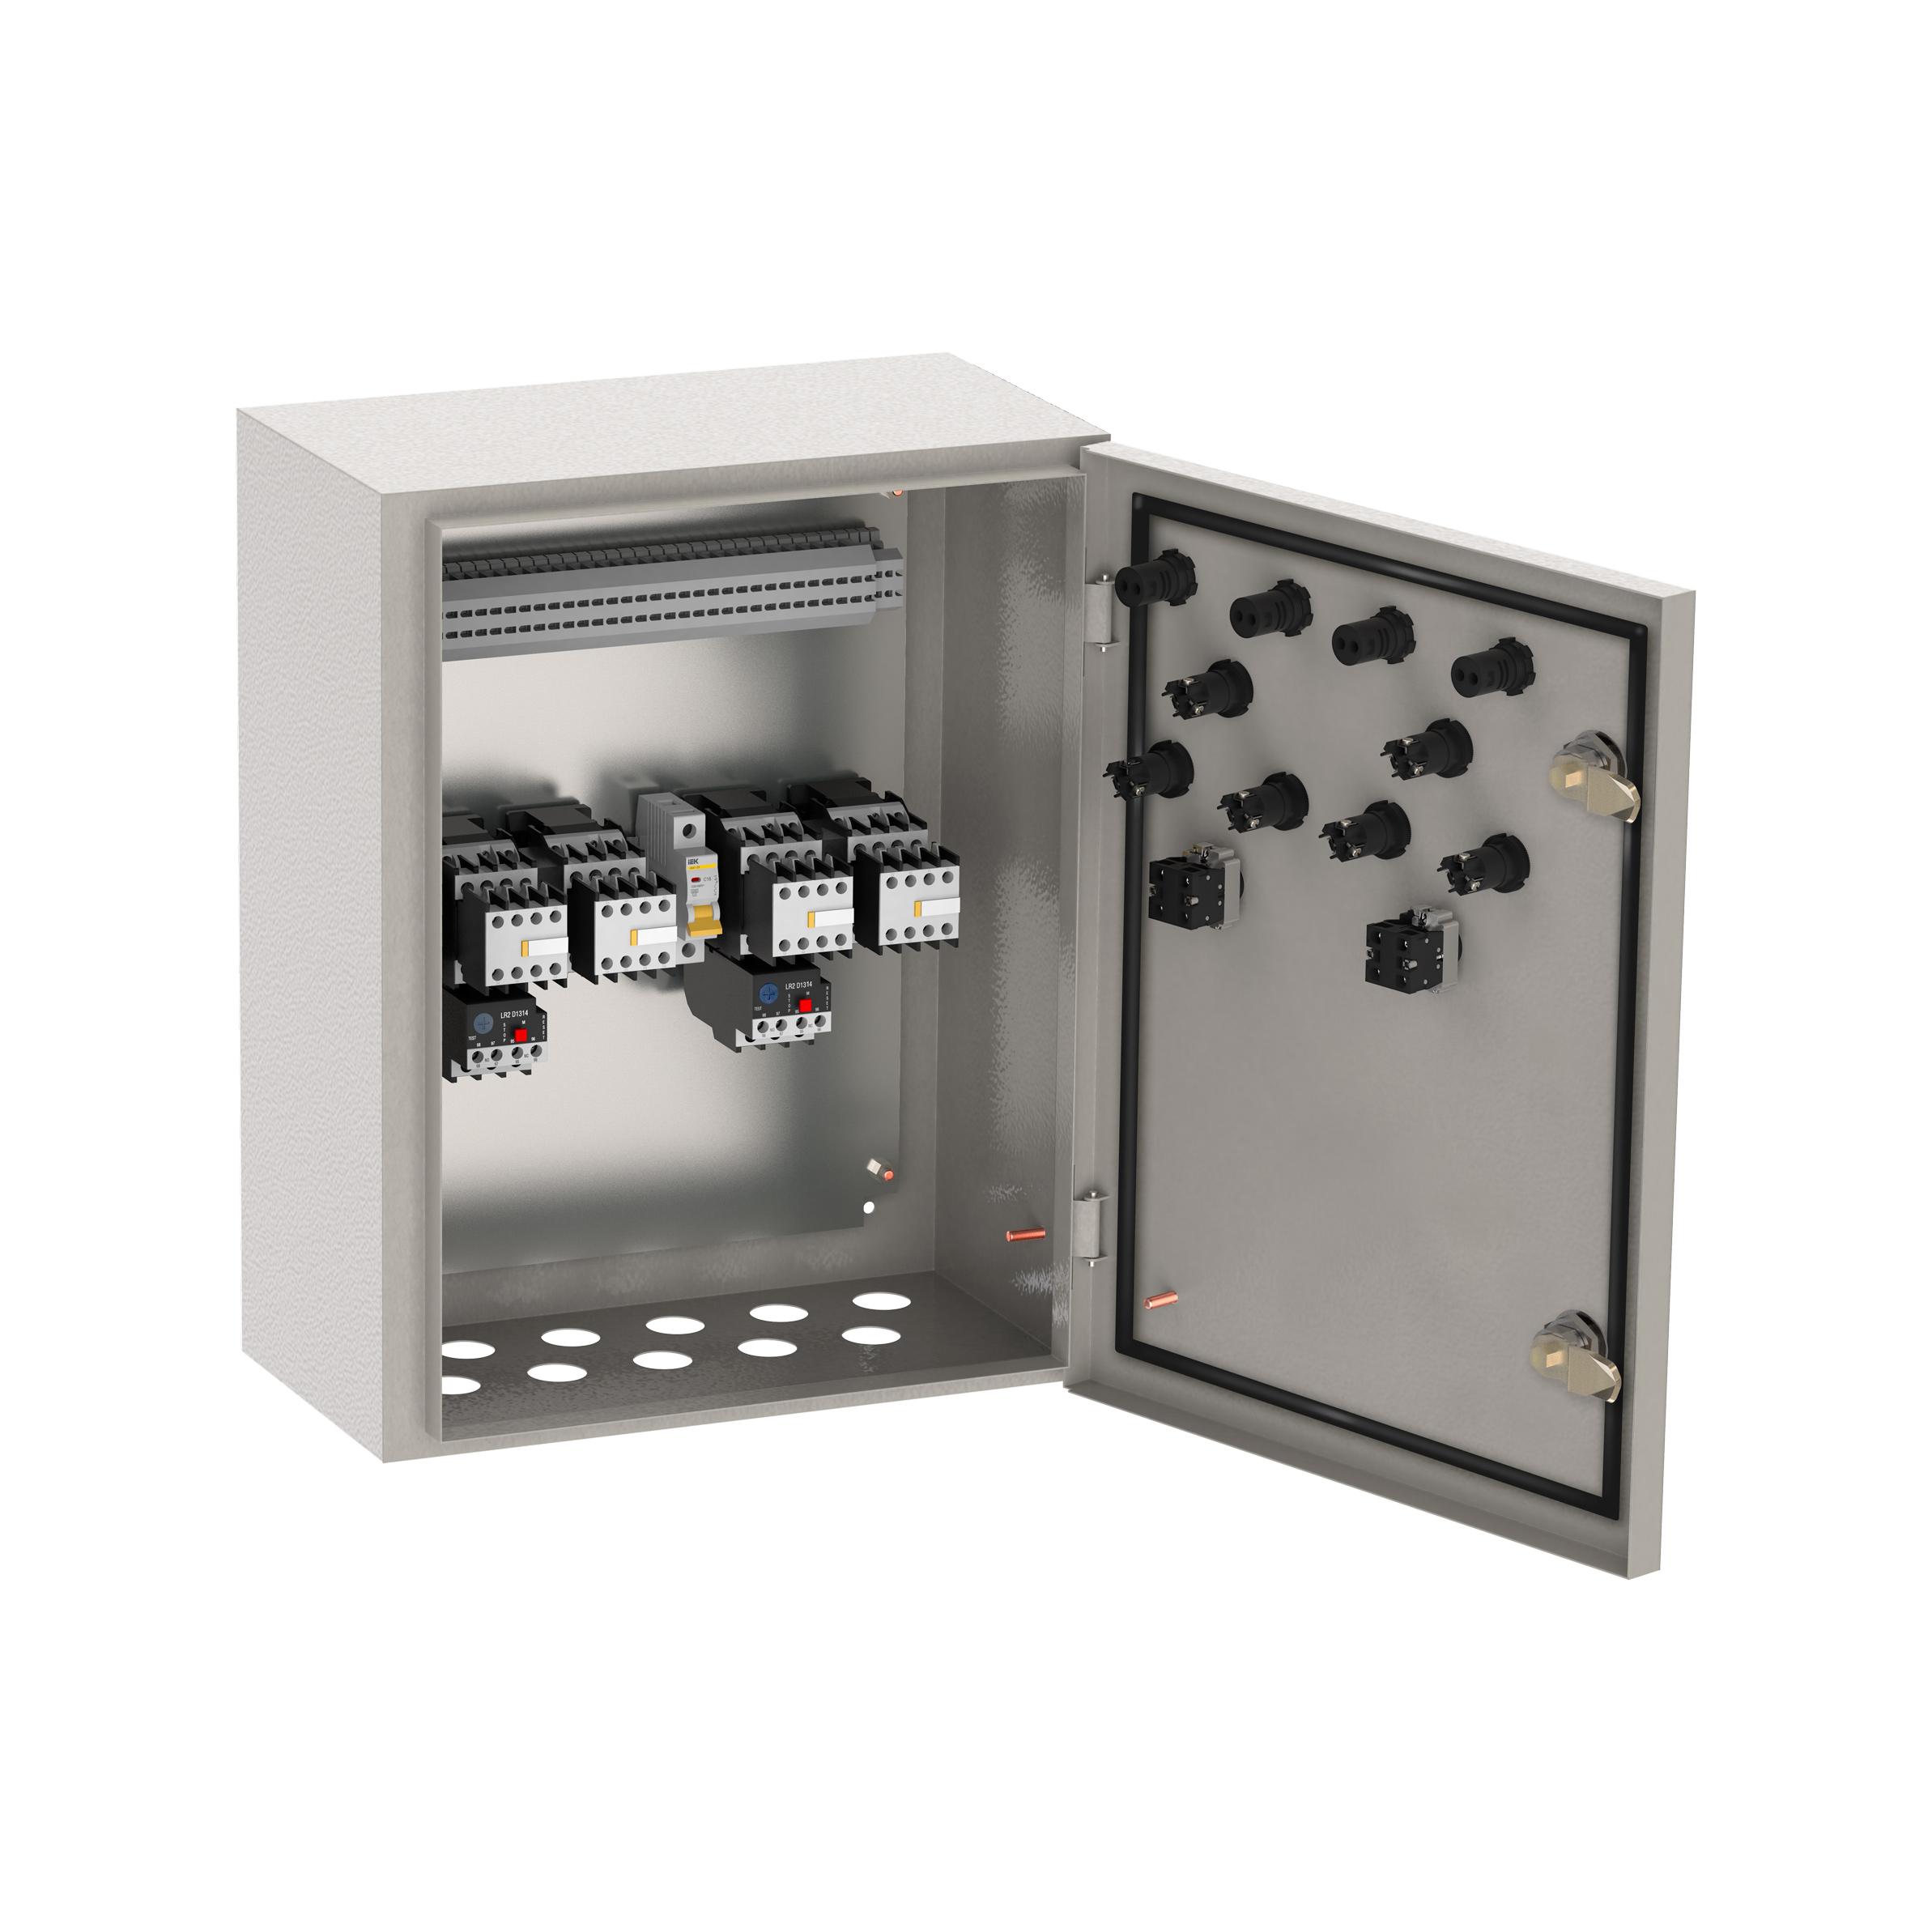 Ящик управления РУСМ5435-1874 реверсивный 2 фидера без автоматического выключателя без переключателя на автоматический режим 0,6А IP54 IEK